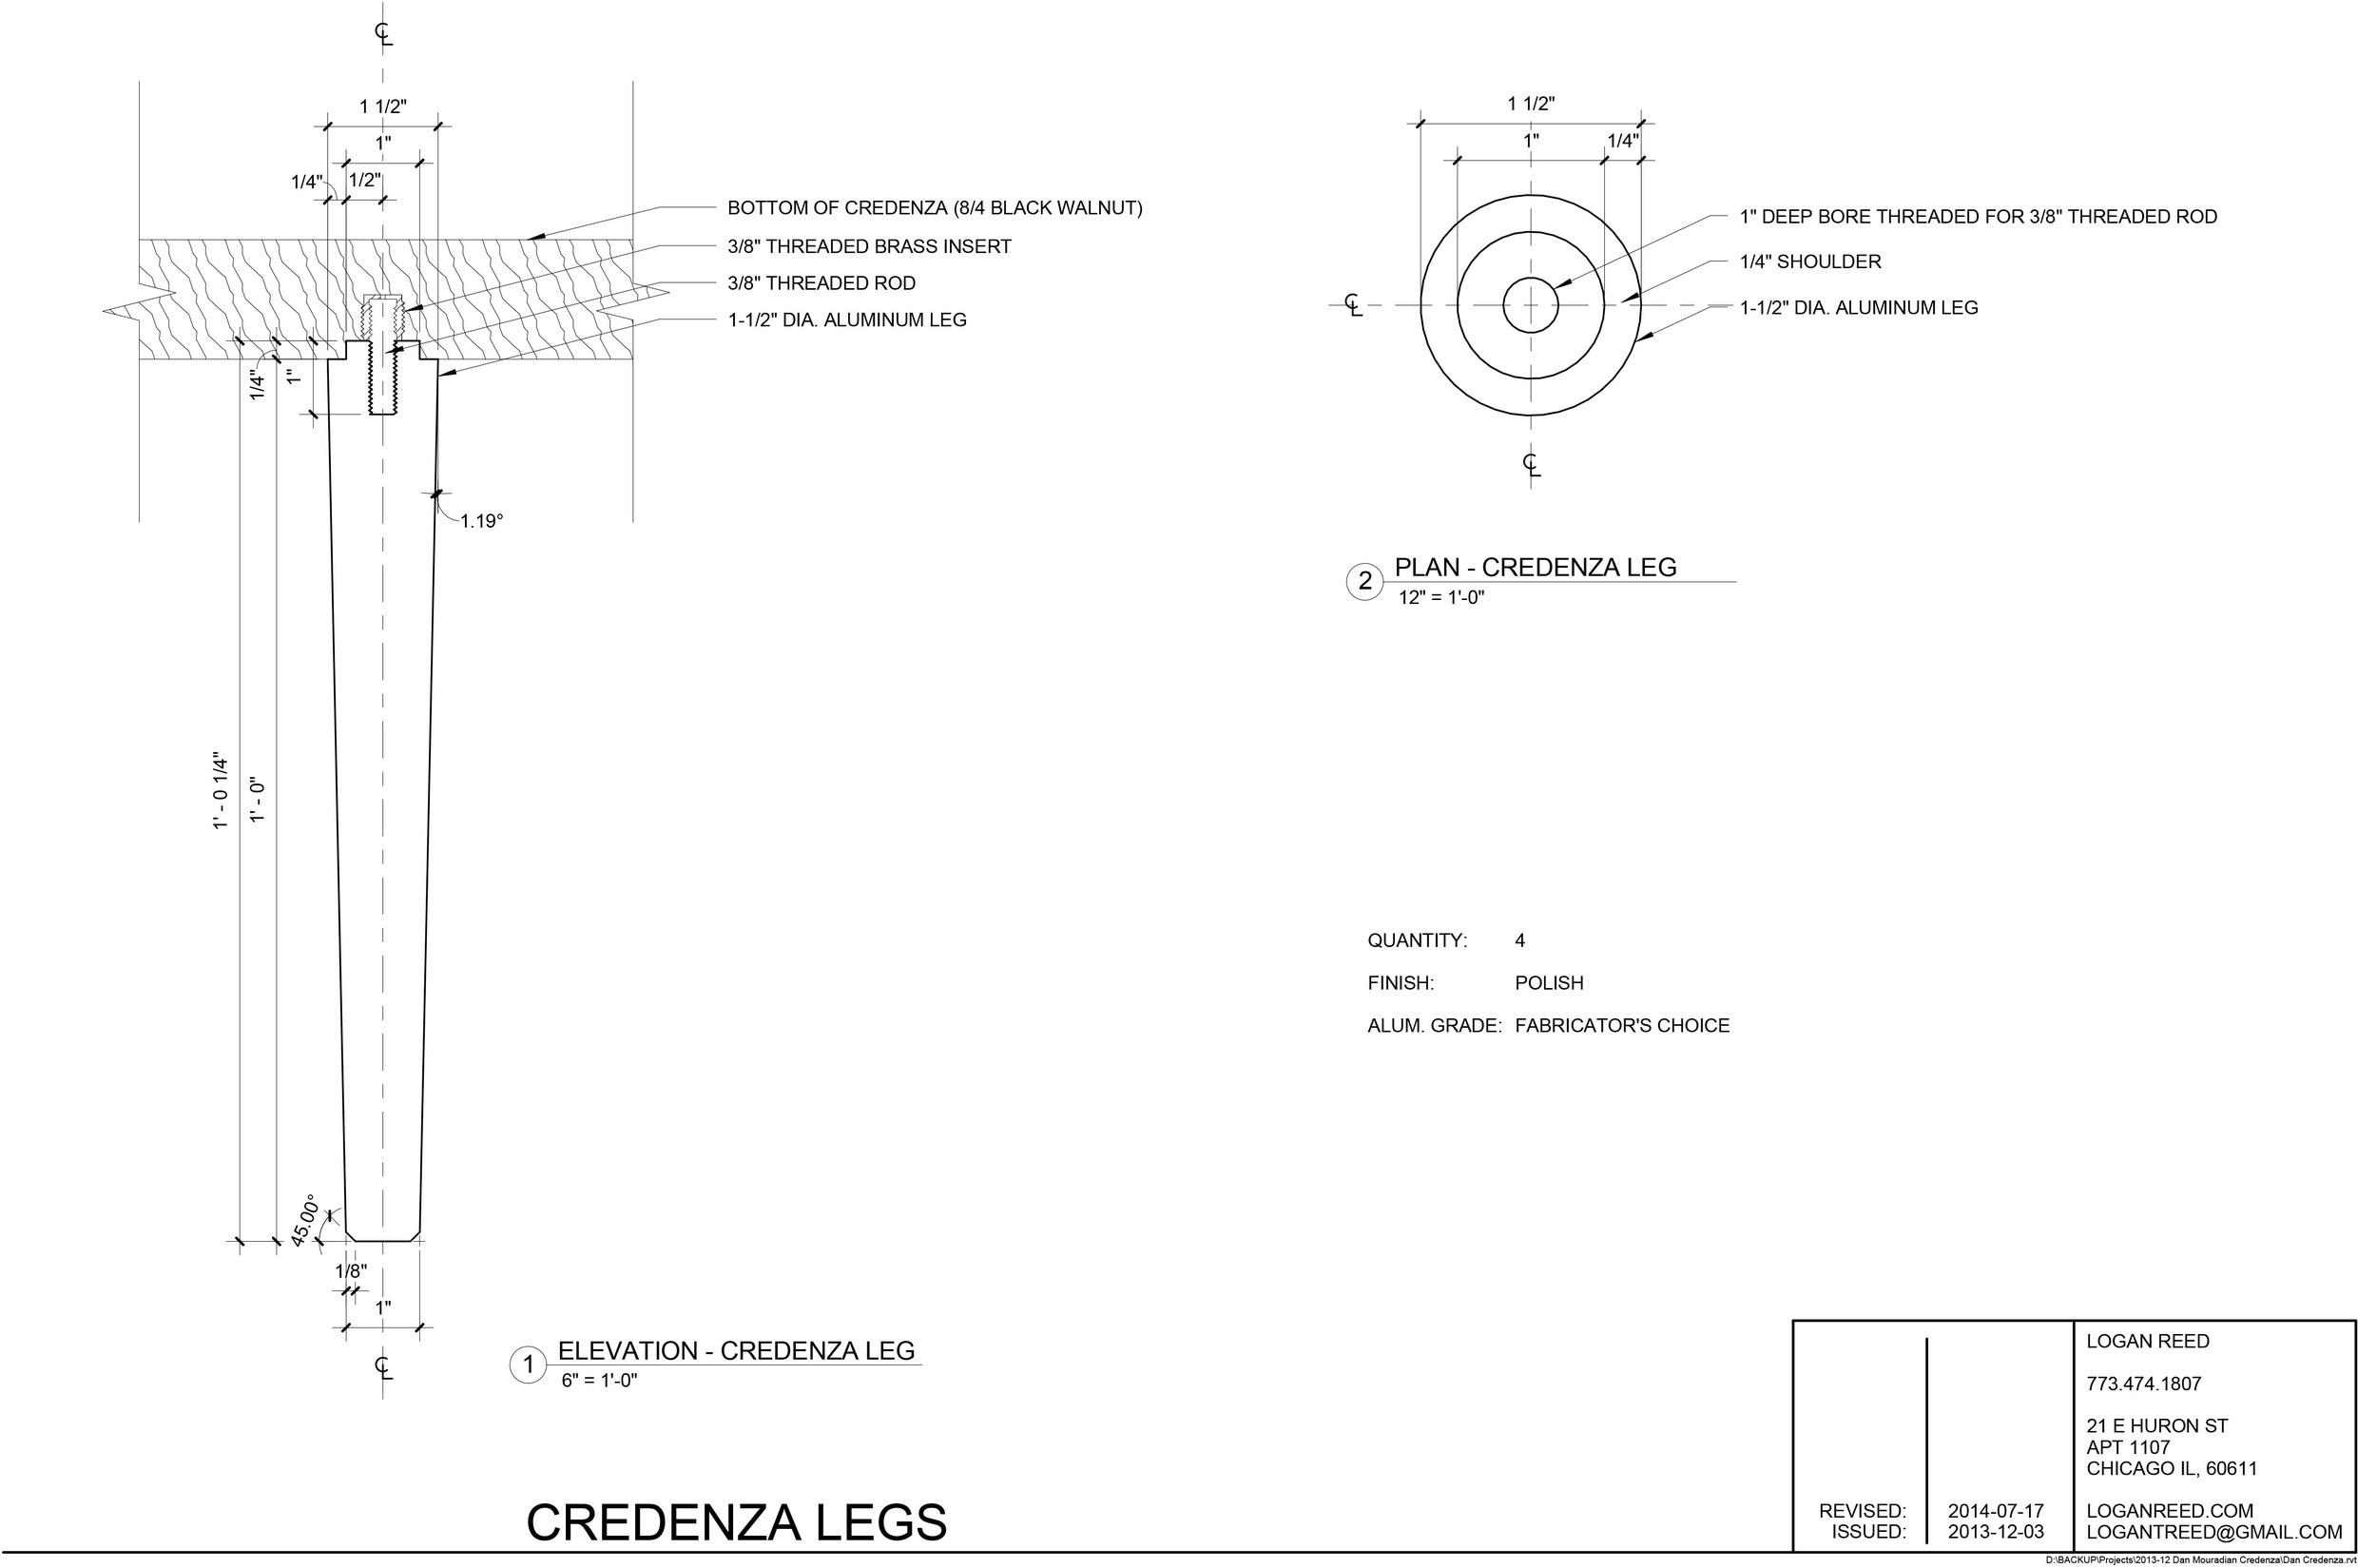 Aluminum leg drawings.